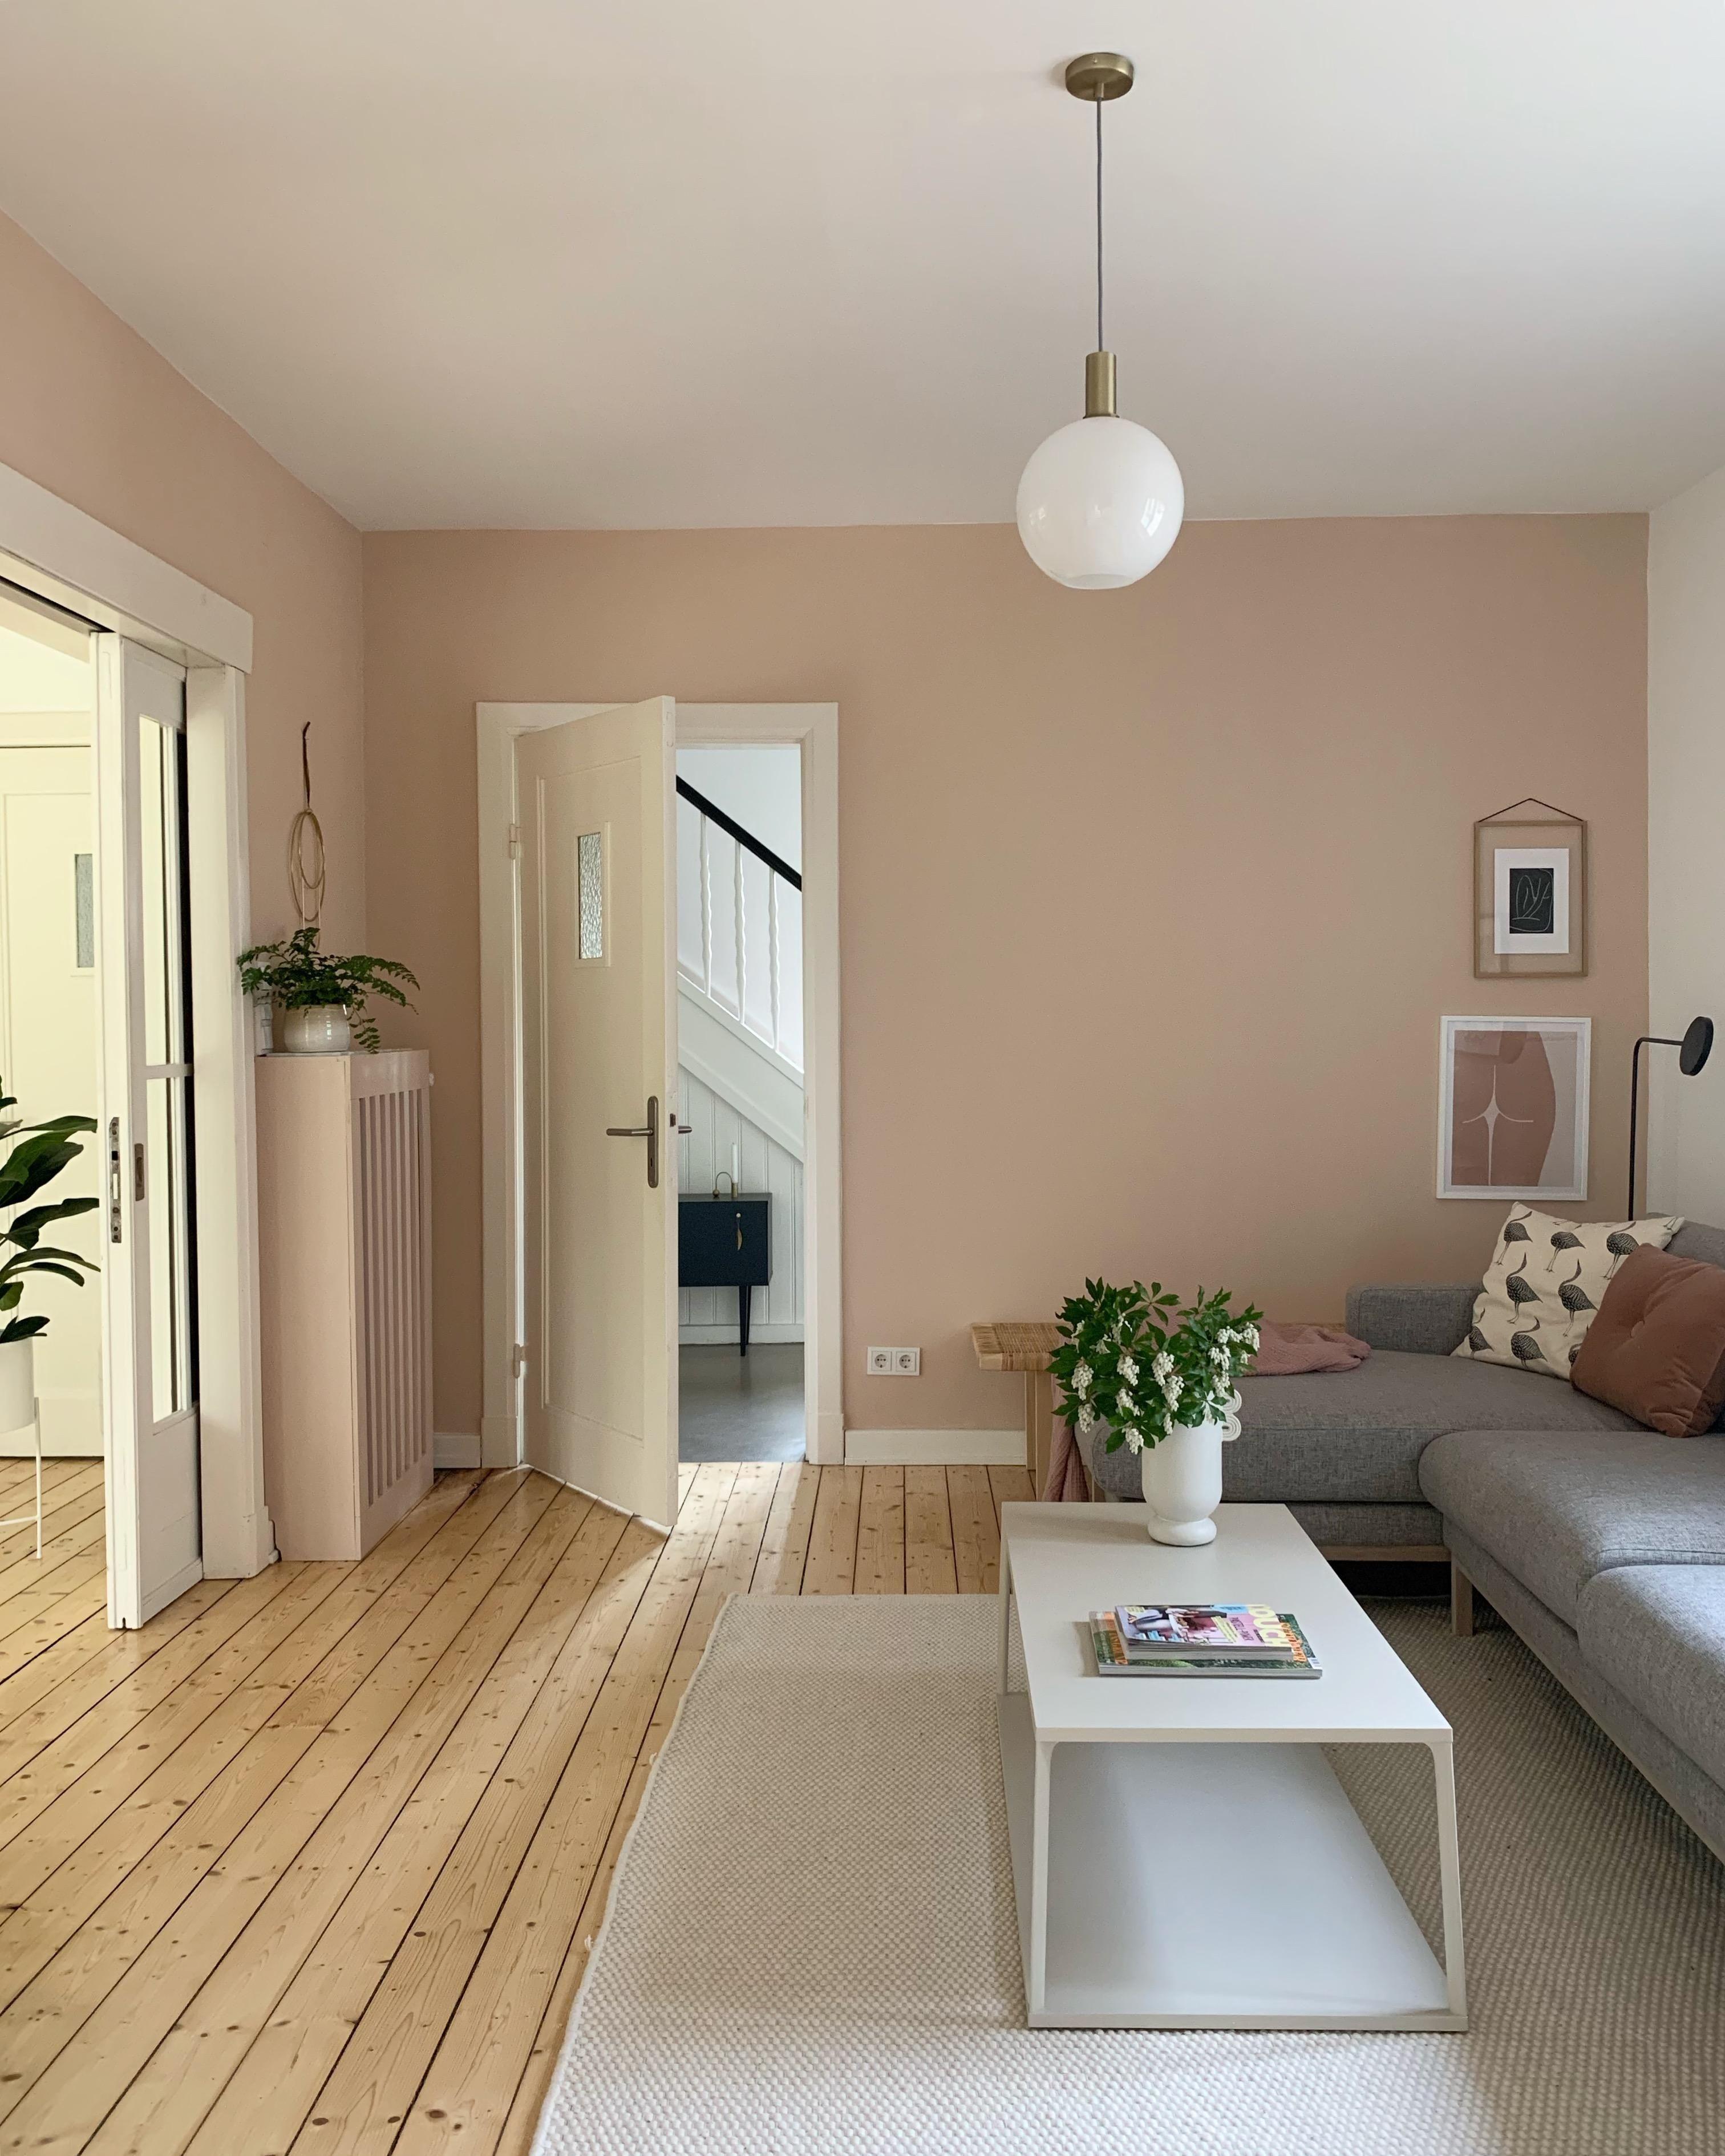 Zimmerdecke gestalten 9 Genial Bilder Von Wohnzimmer Lampe Alexa